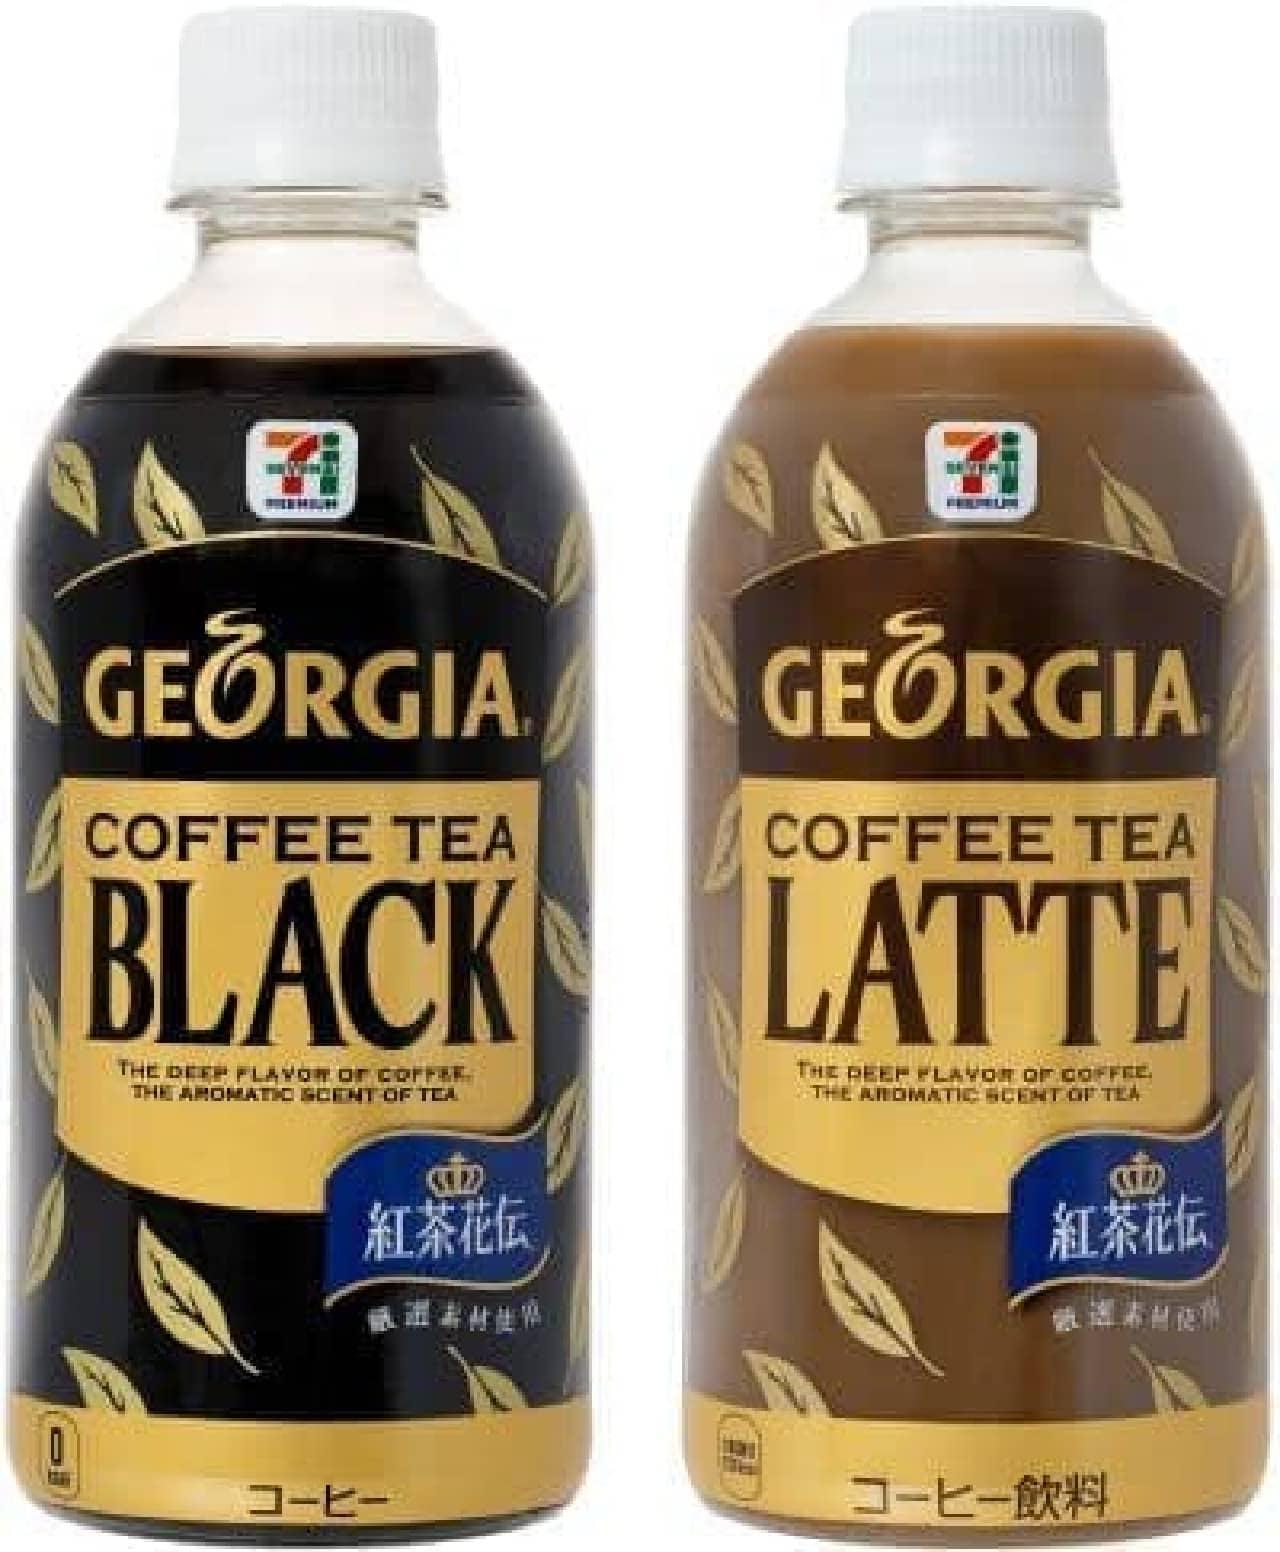 セブン&アイ「ジョージア コーヒー ティー」